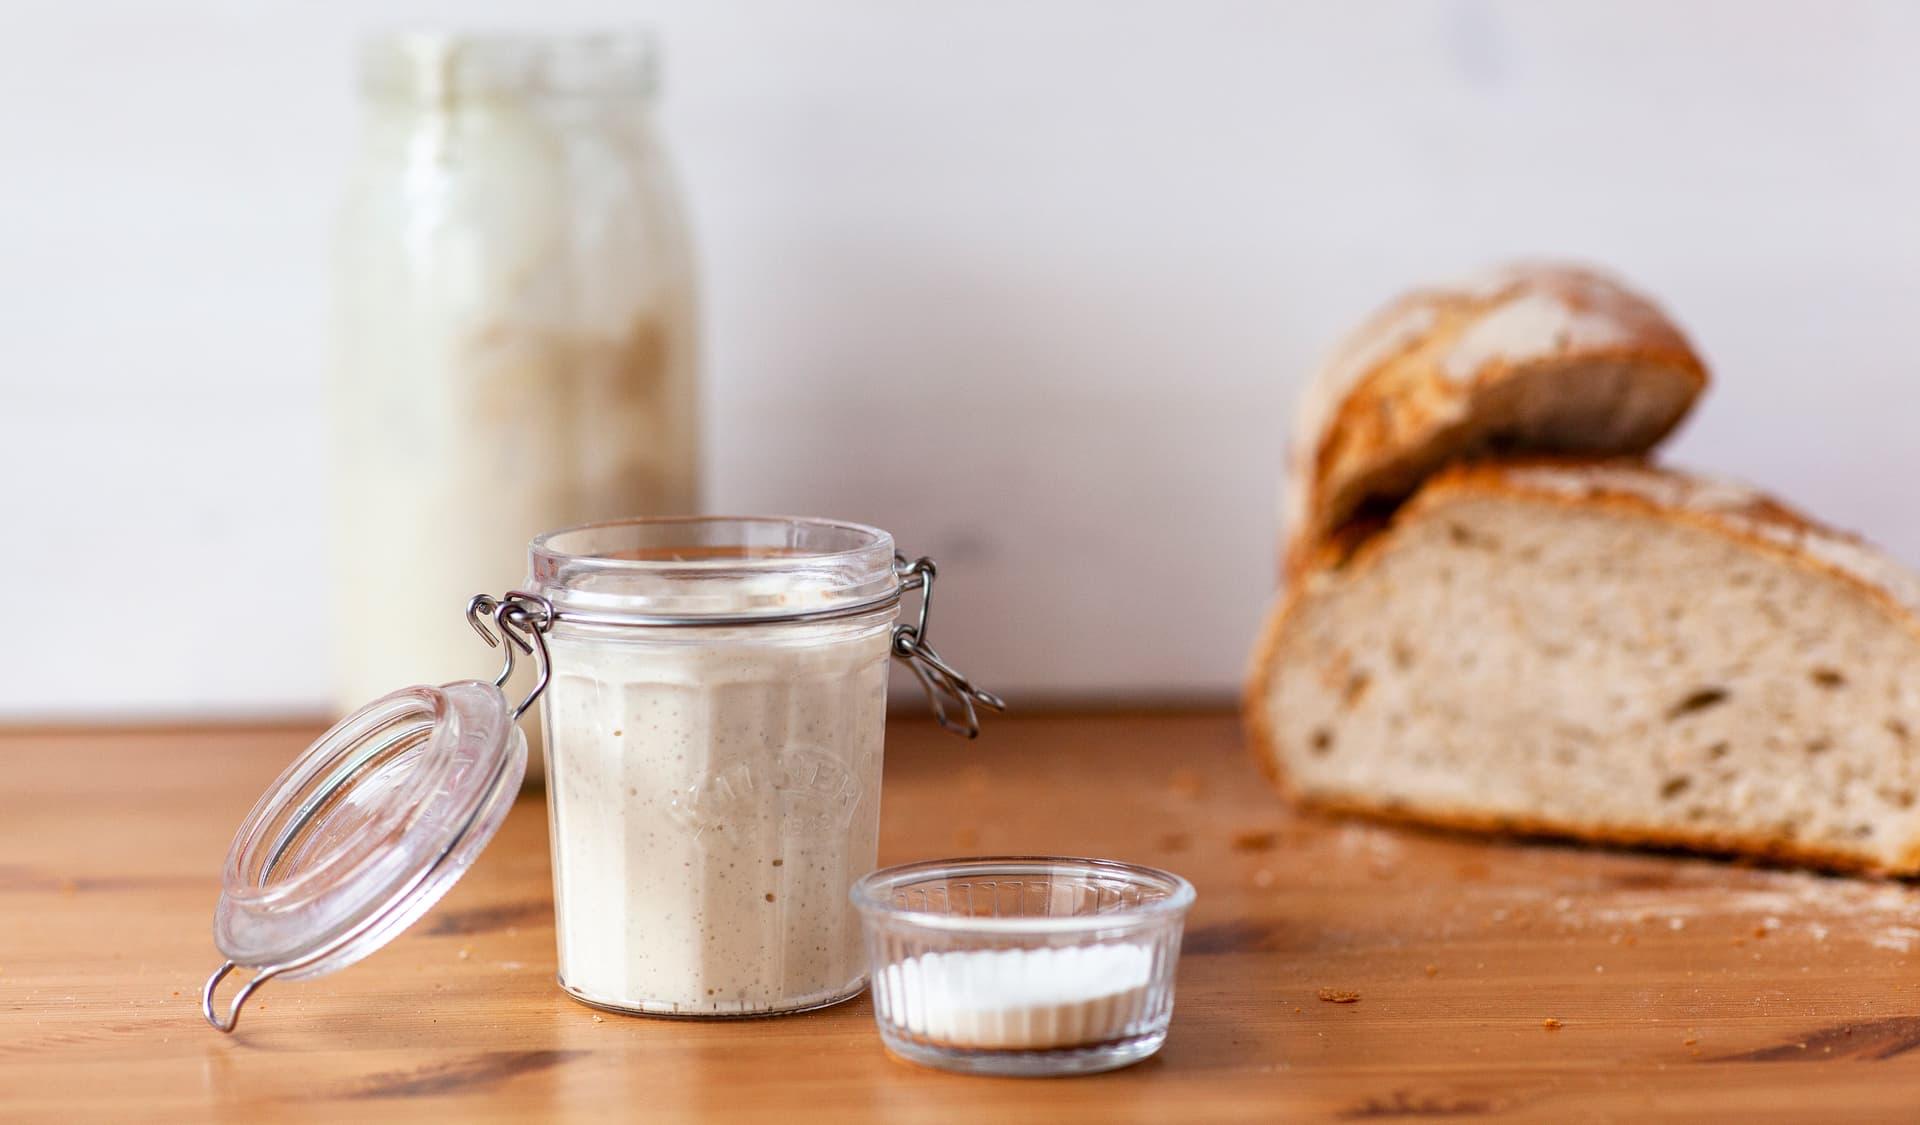 Backferment im Einmachglas, daneben liegt ein Brot